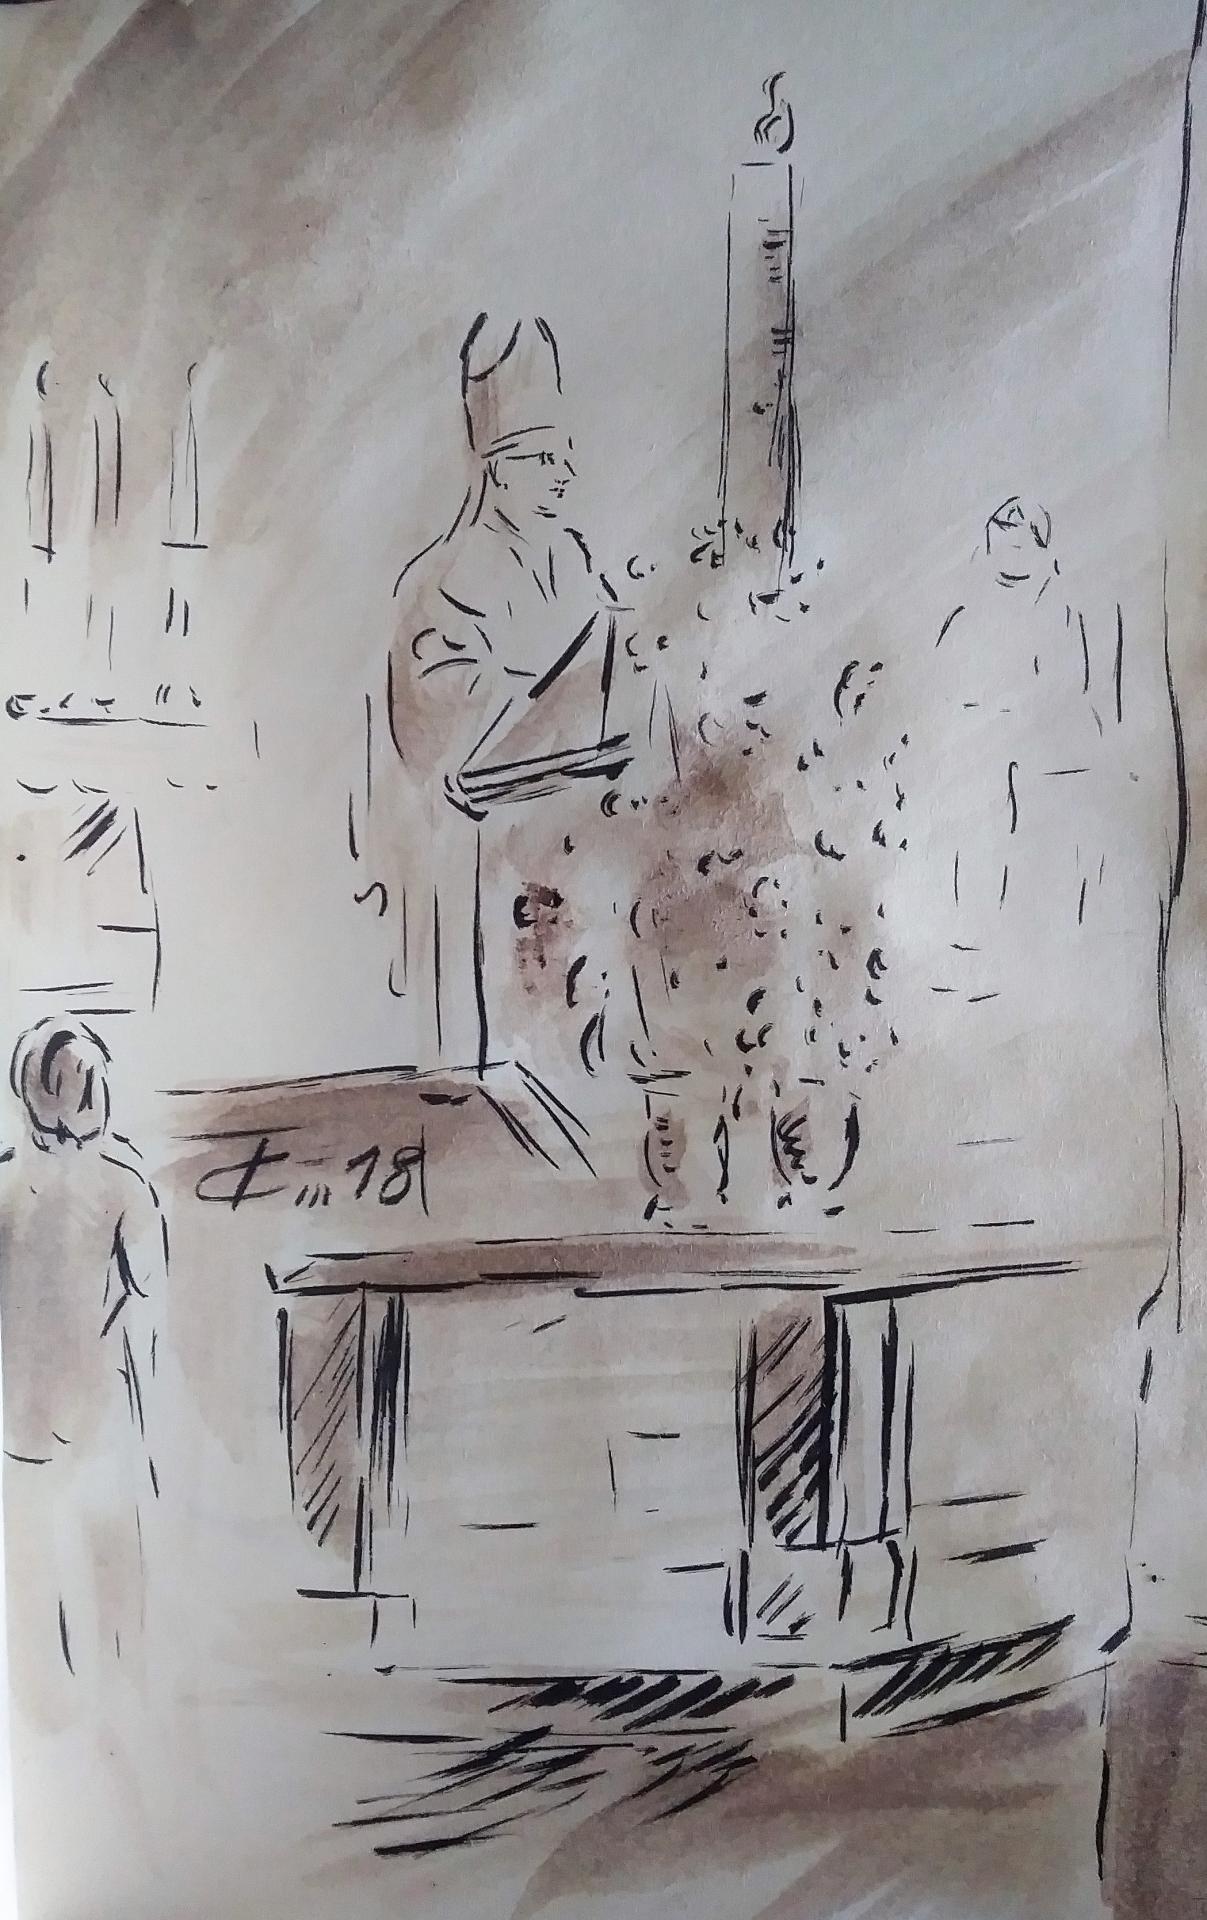 13 Mai 2018, évangile du jour illustré par un dessin au lavis